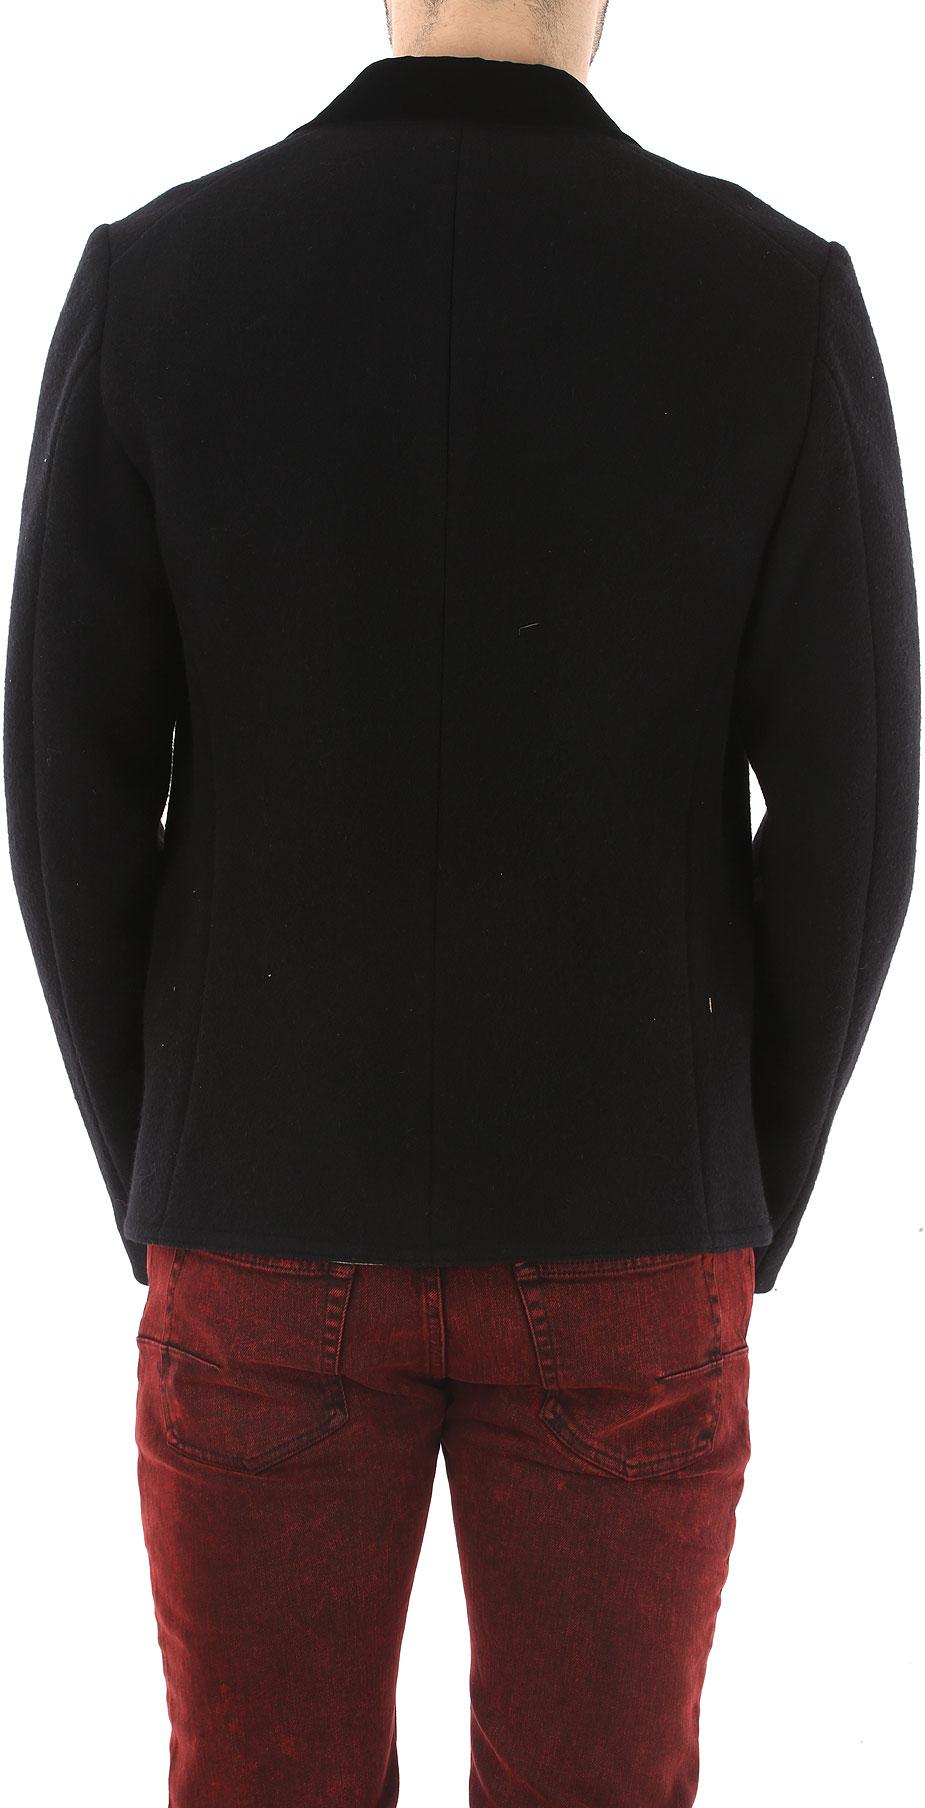 PièceG0832t n0000 Vêtements Gabbana amp; fumyx DouxNuméro Homme De EDI2H9